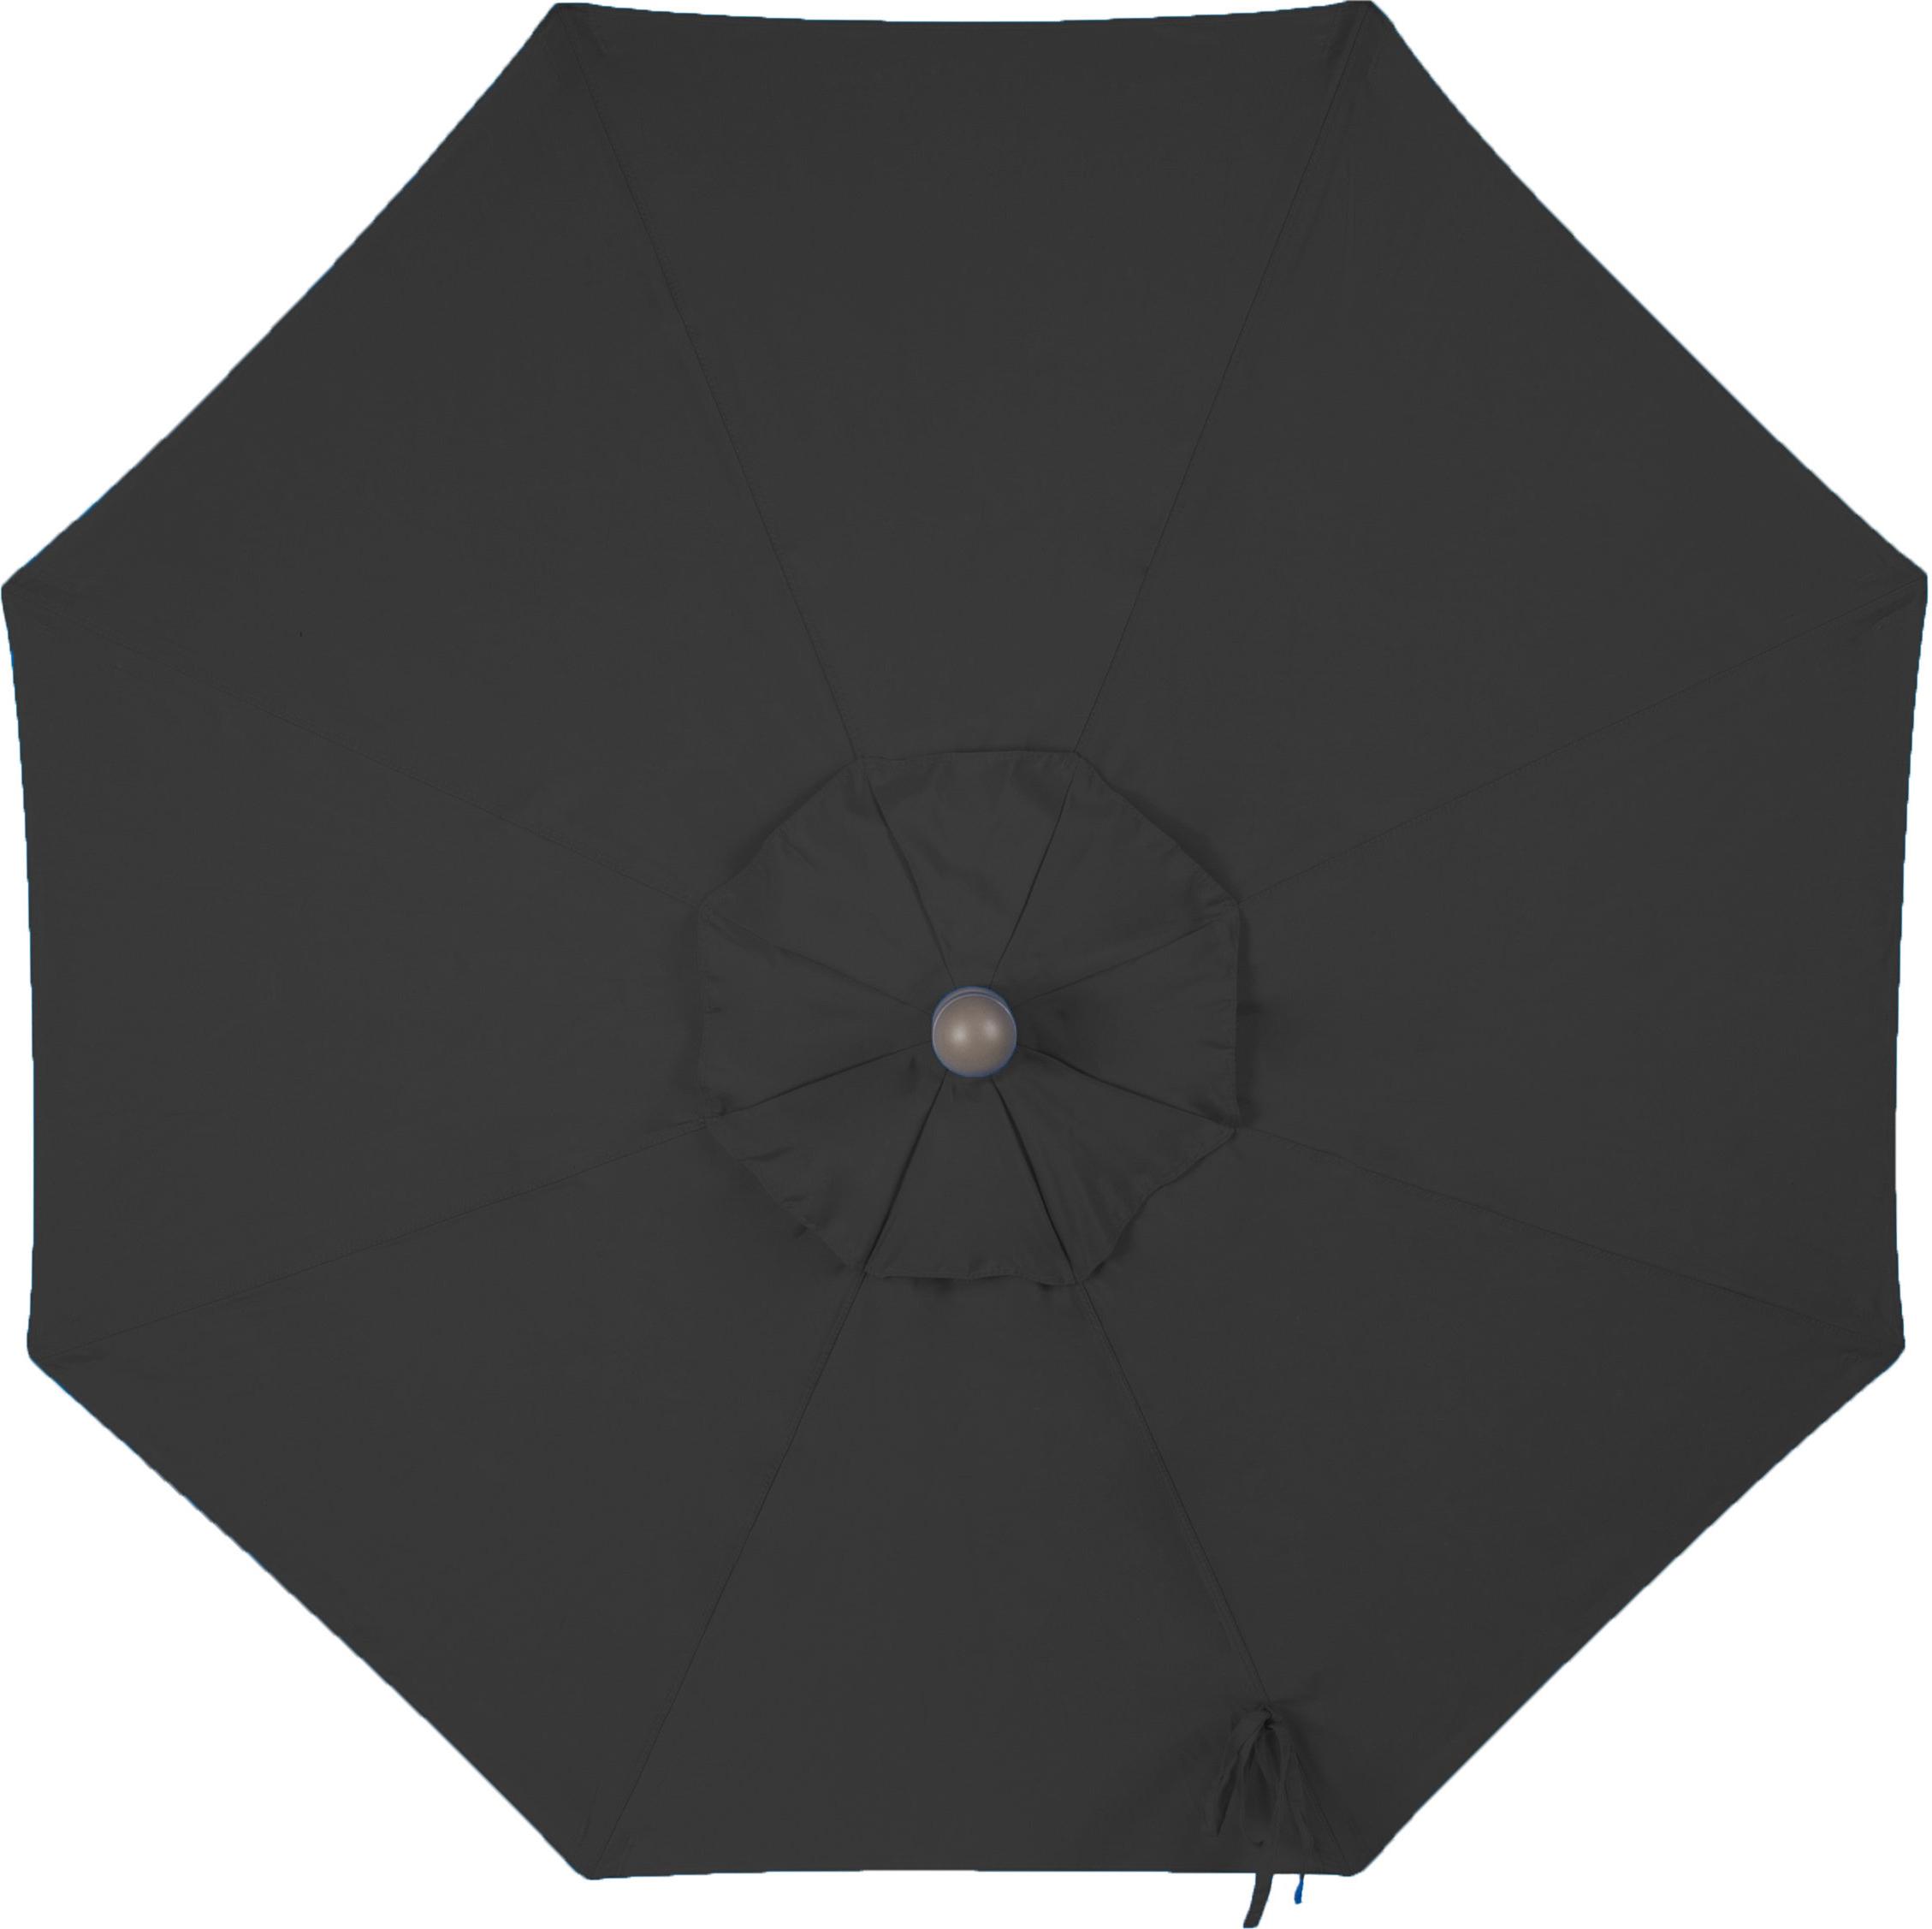 Newest Wiechmann Push Tilt Market Sunbrella Umbrellas With Wiechmann 9' Market Sunbrella Umbrella (View 8 of 20)